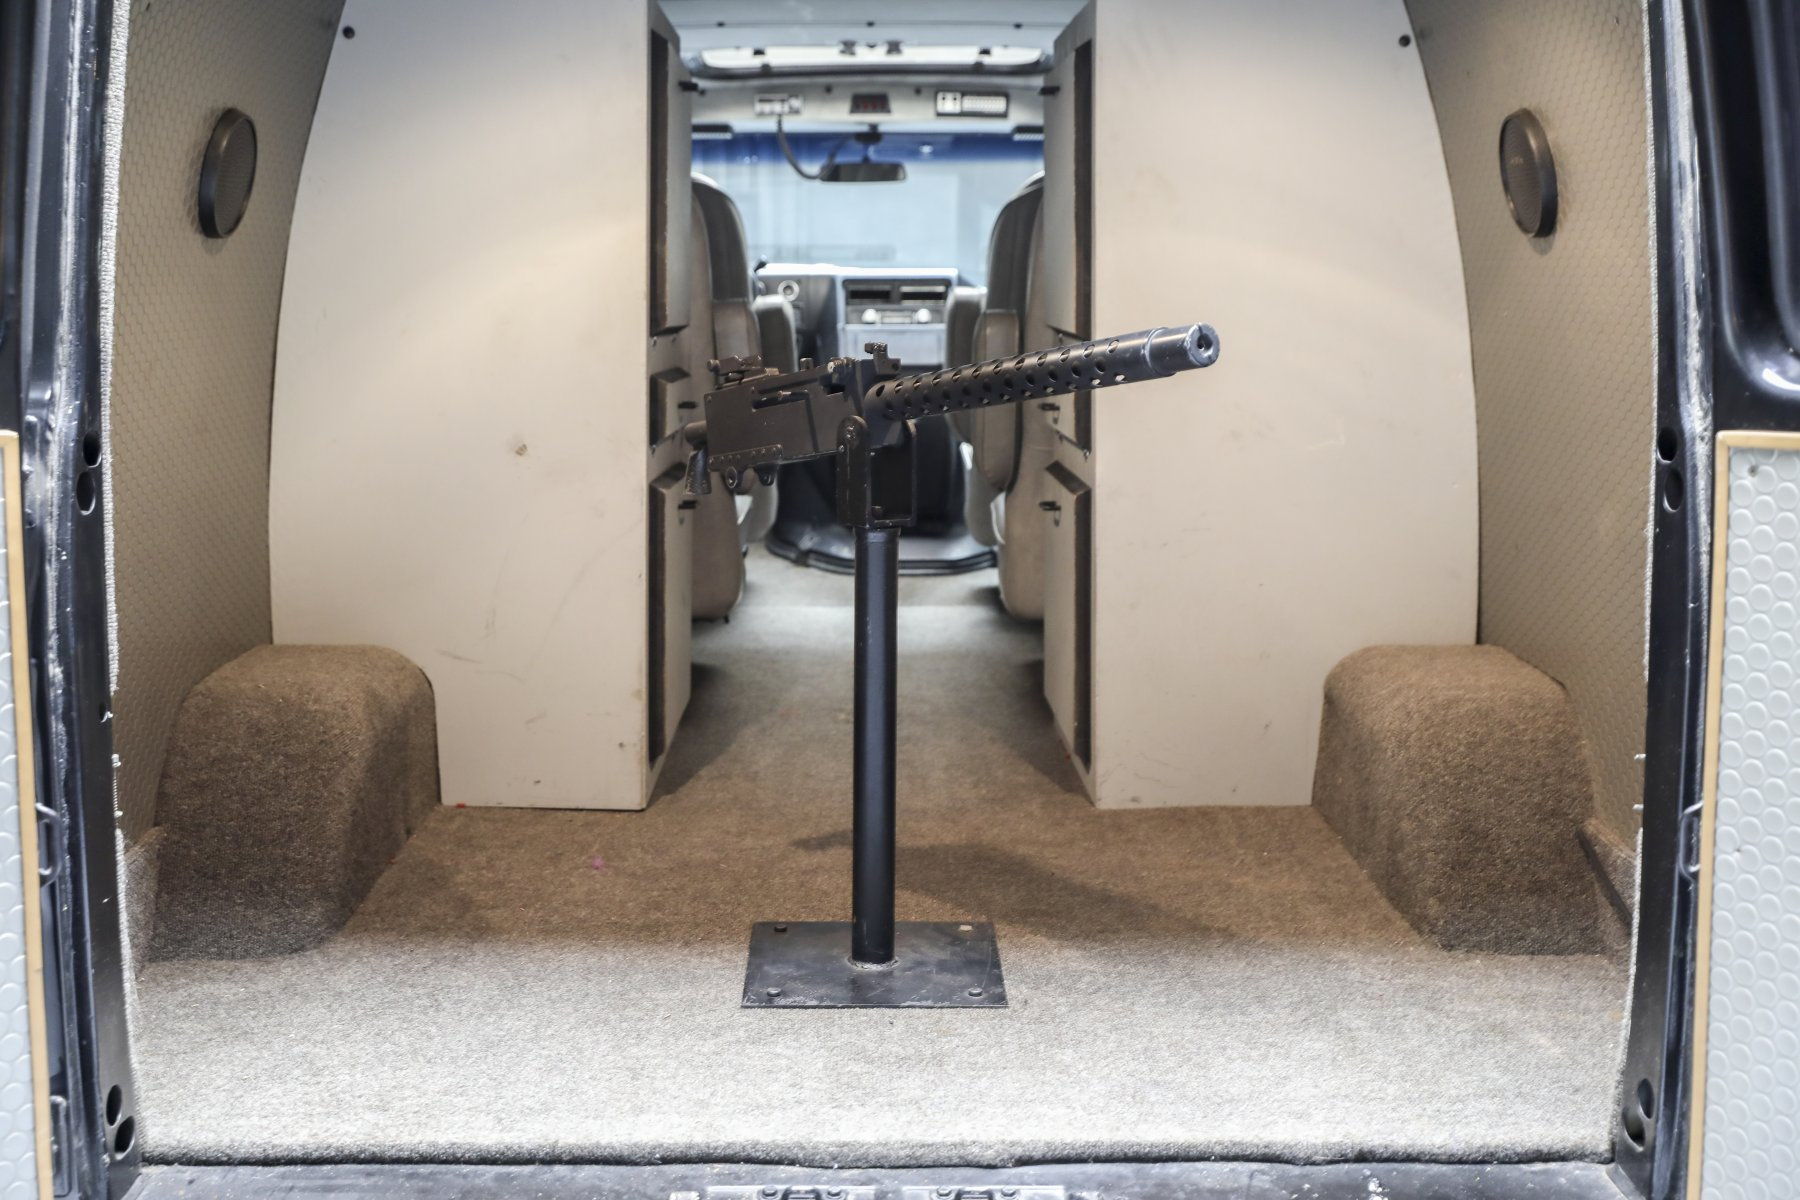 A-Team GMC G-Series 83 Van rear cargo 50 caliber browning gun